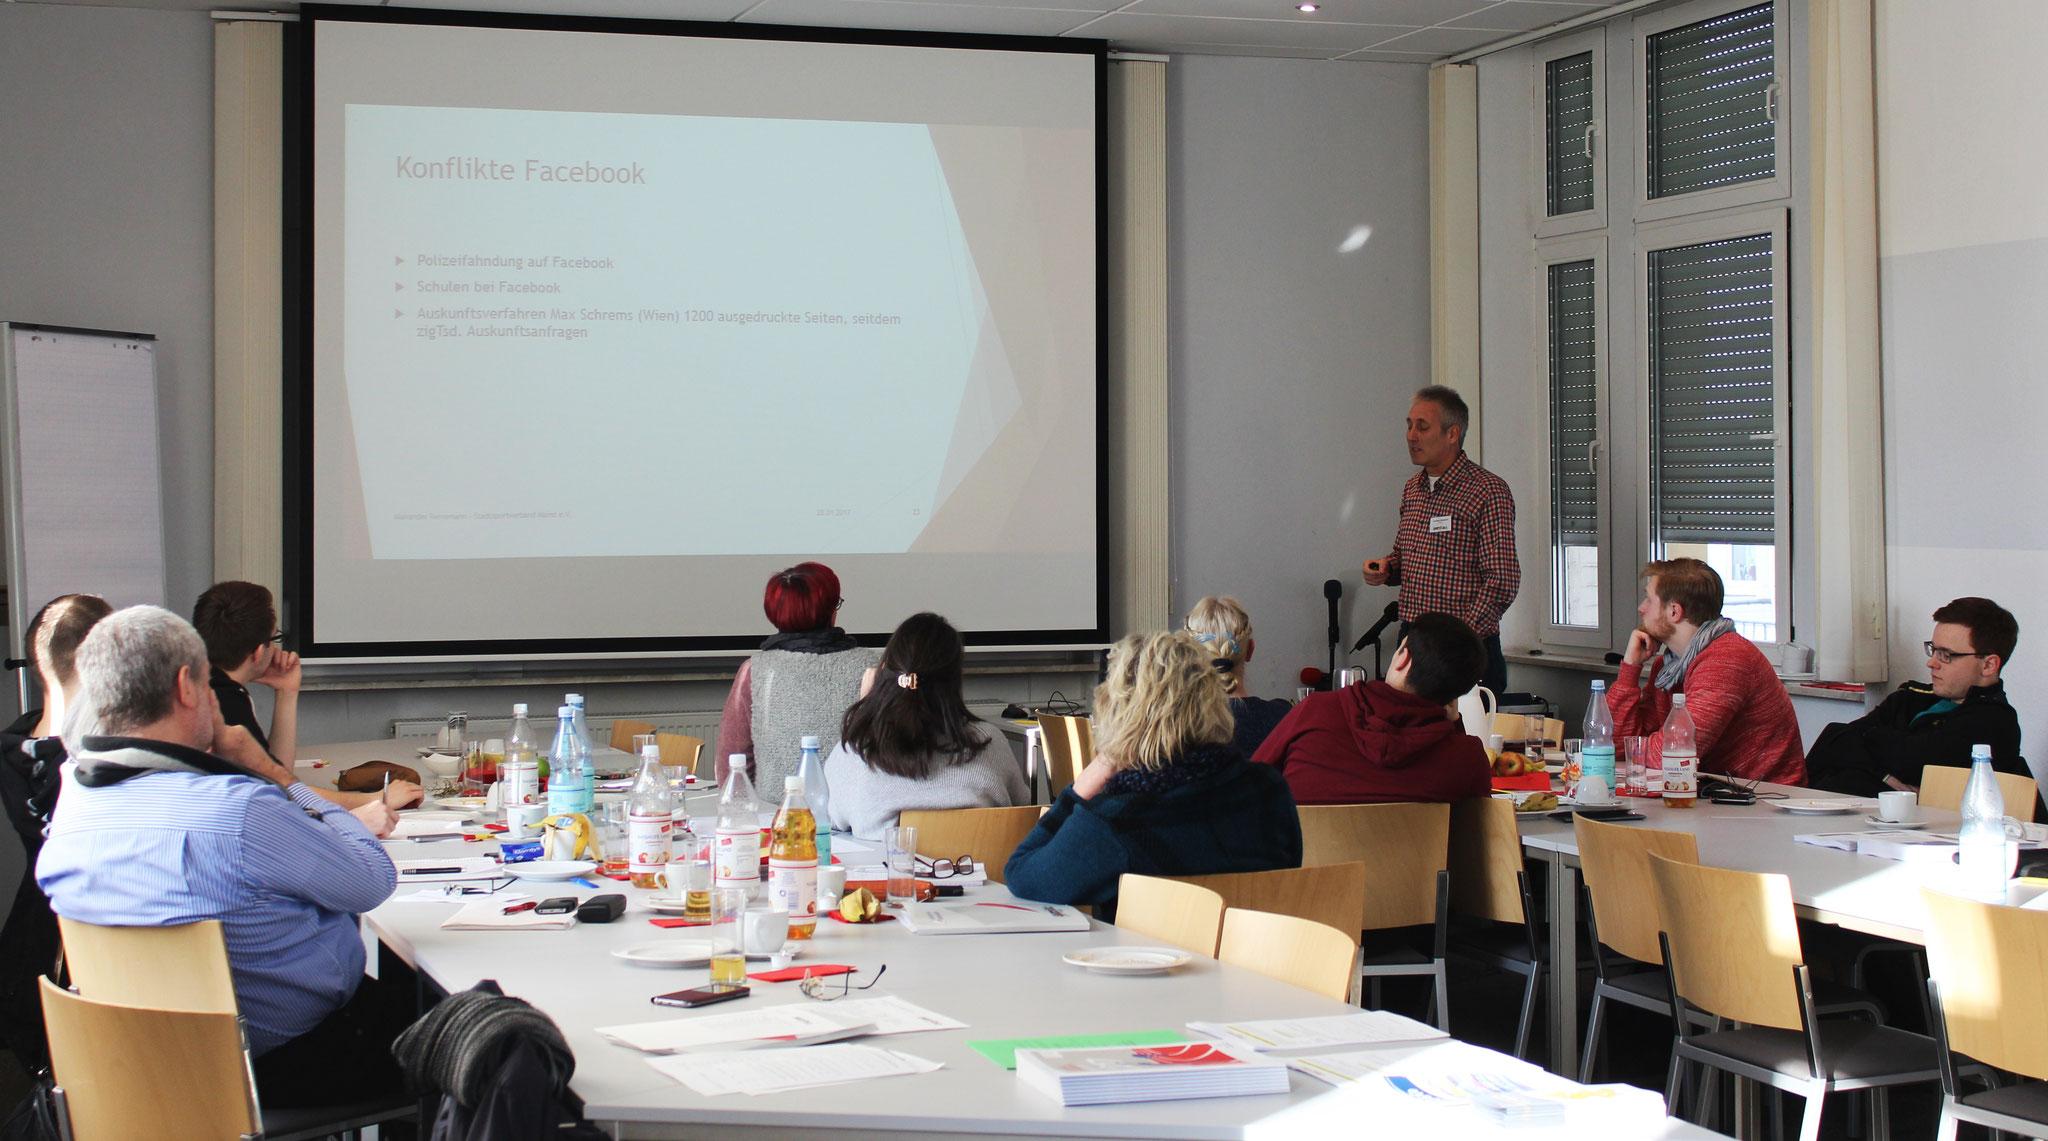 Alexander Reinemann - Präsident des Stadtsportverbandes Mainz - machte auf die Fallstricke und Datenschutzprobleme im Netz aufmerksam